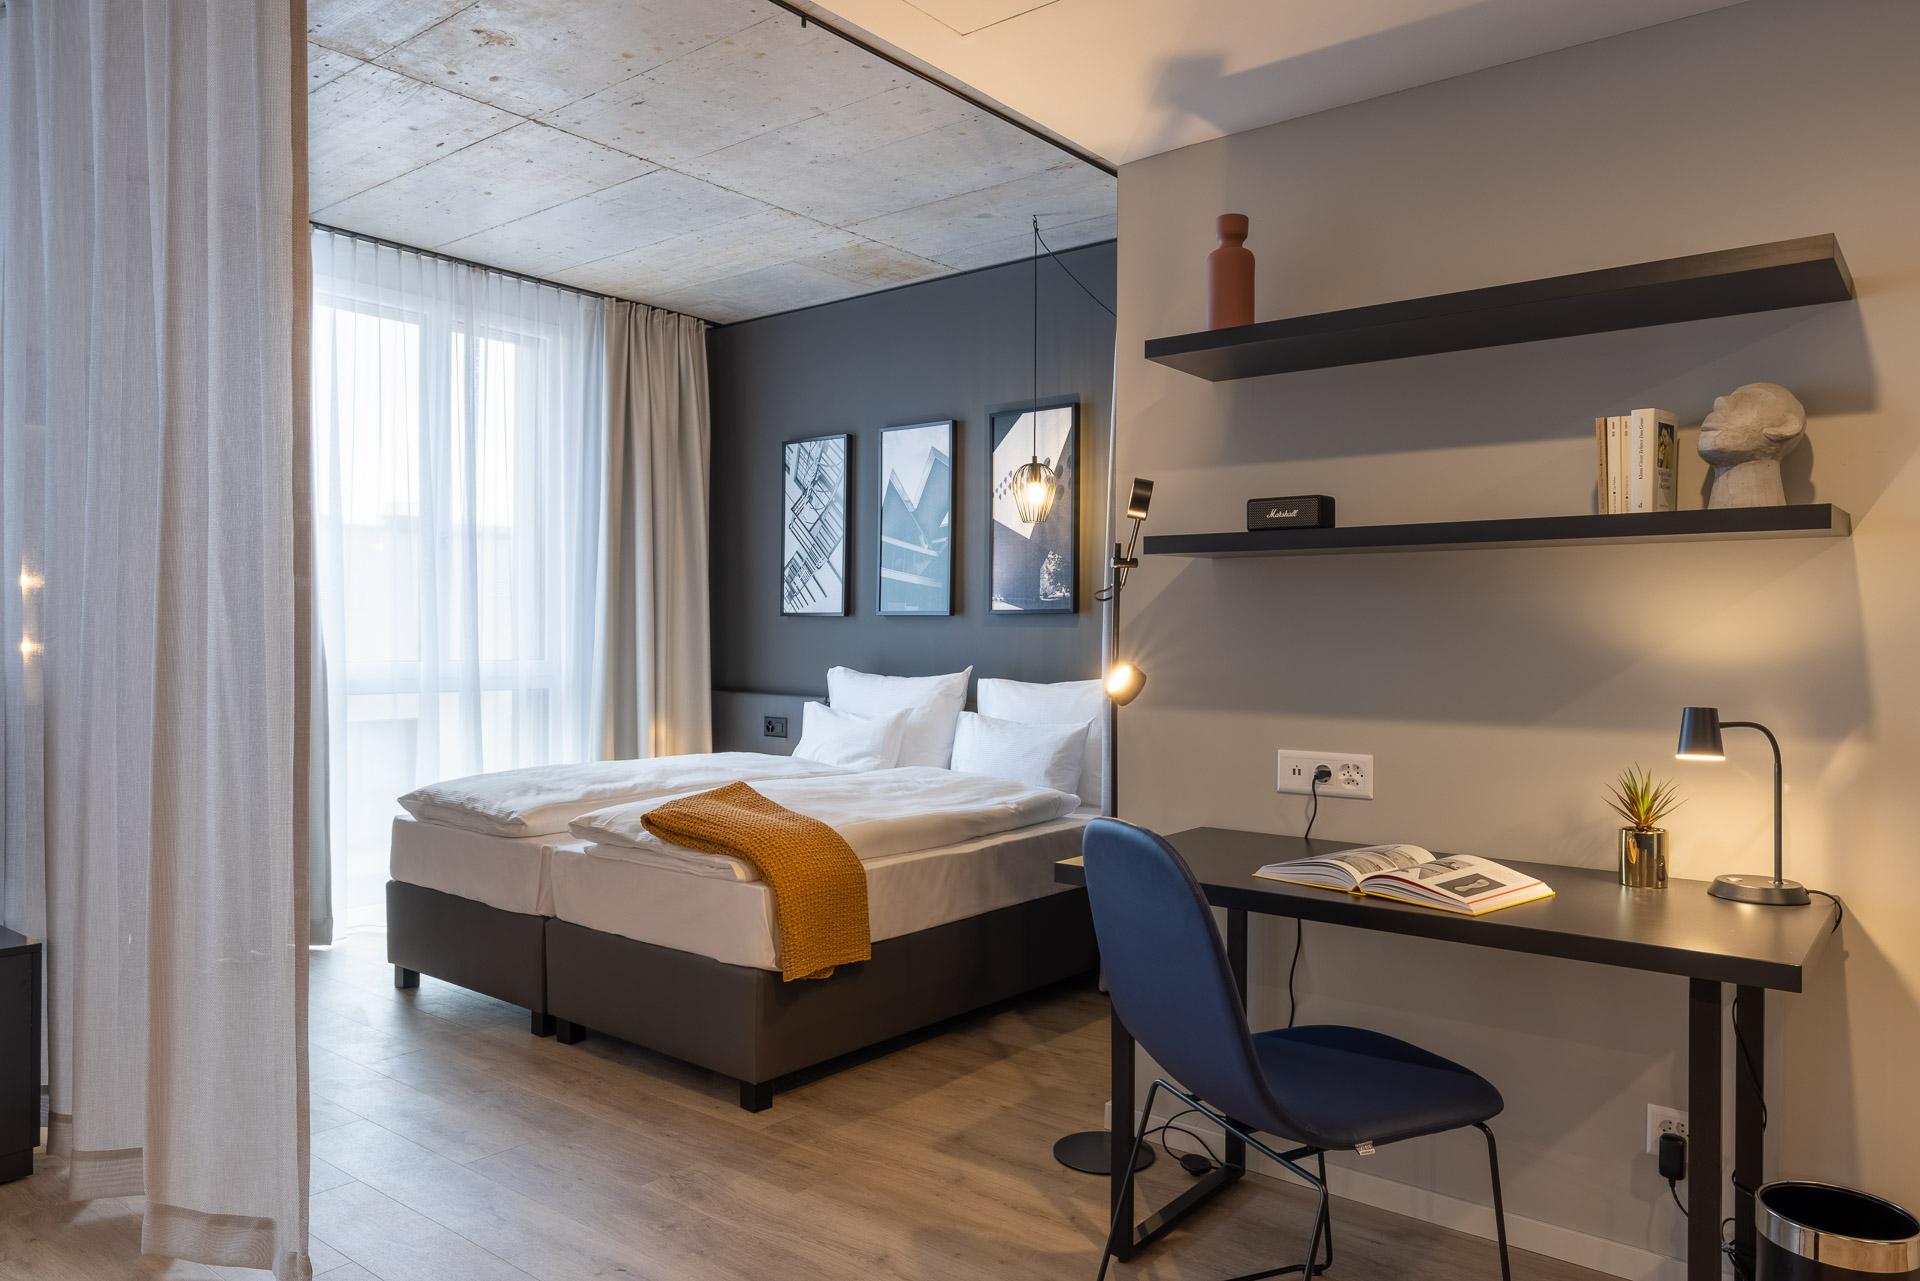 Blick auf das Bett mit Leinenvorhang und Schreibtisch als Arbeitsplatz l